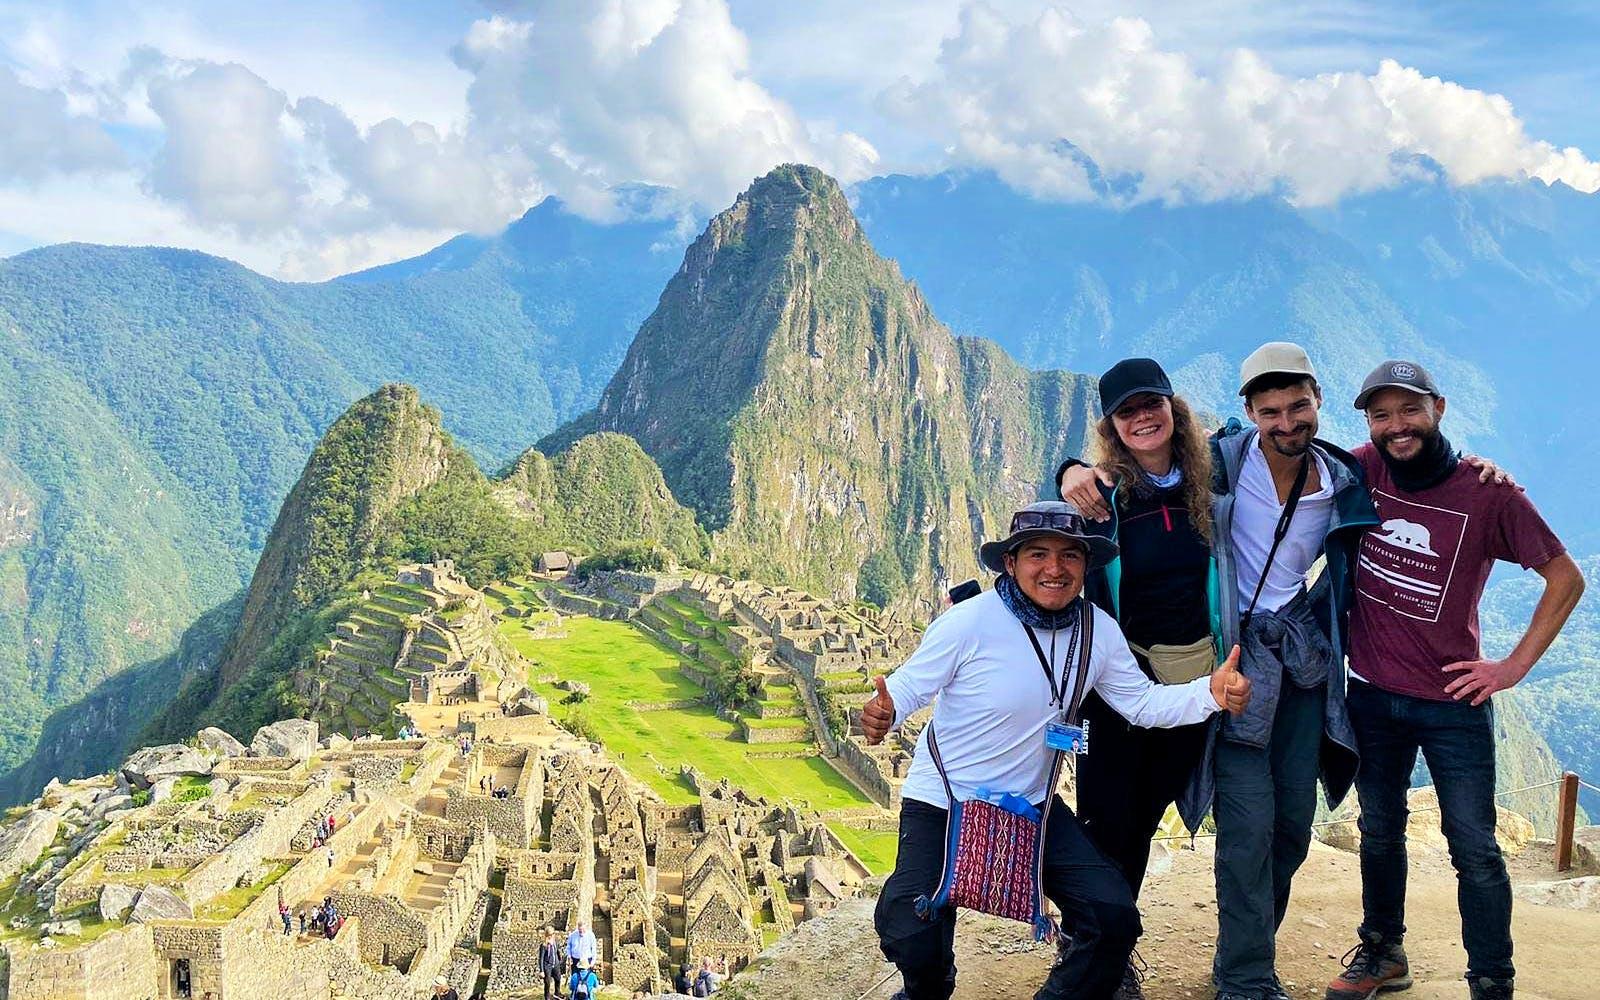 Classic Inca Trail to Machu Picchu - 4 Days